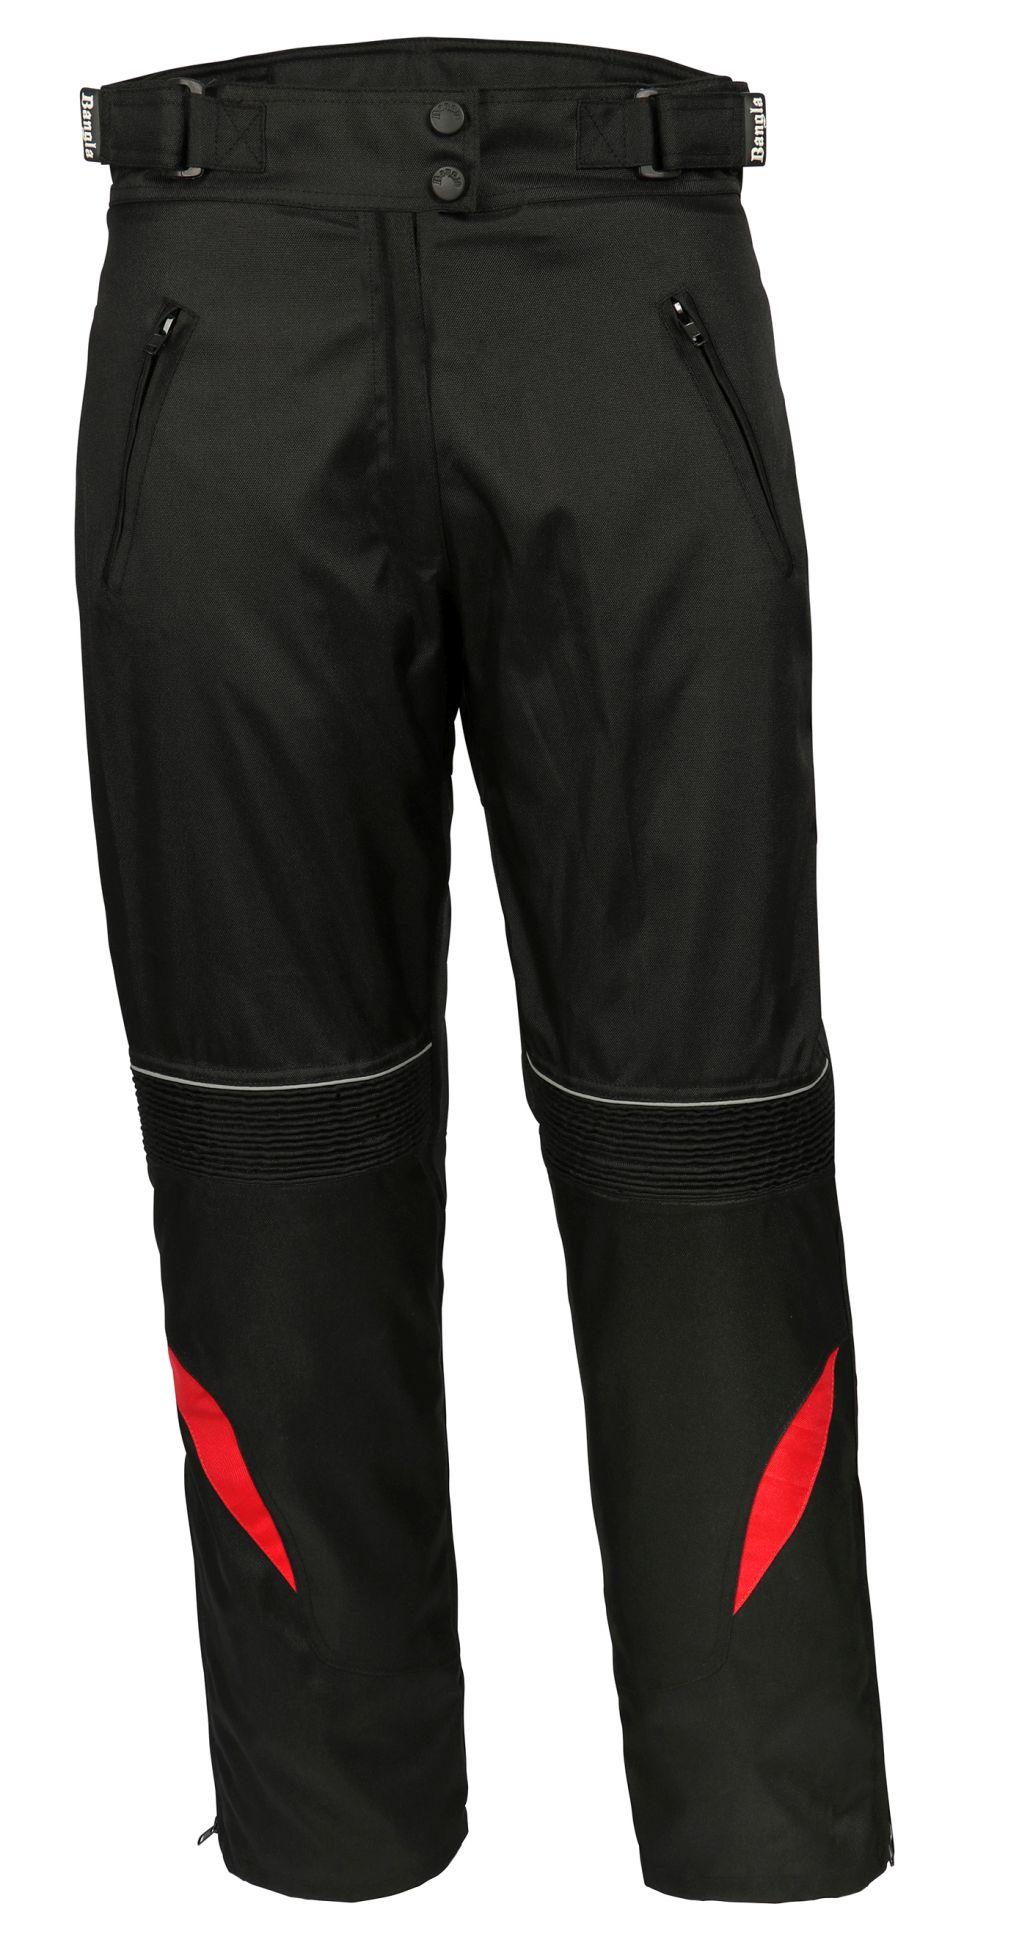 Bangla Damen Motorradhose Textil Hose Schwarz Rot S M L XL XXL 3XL 4XL